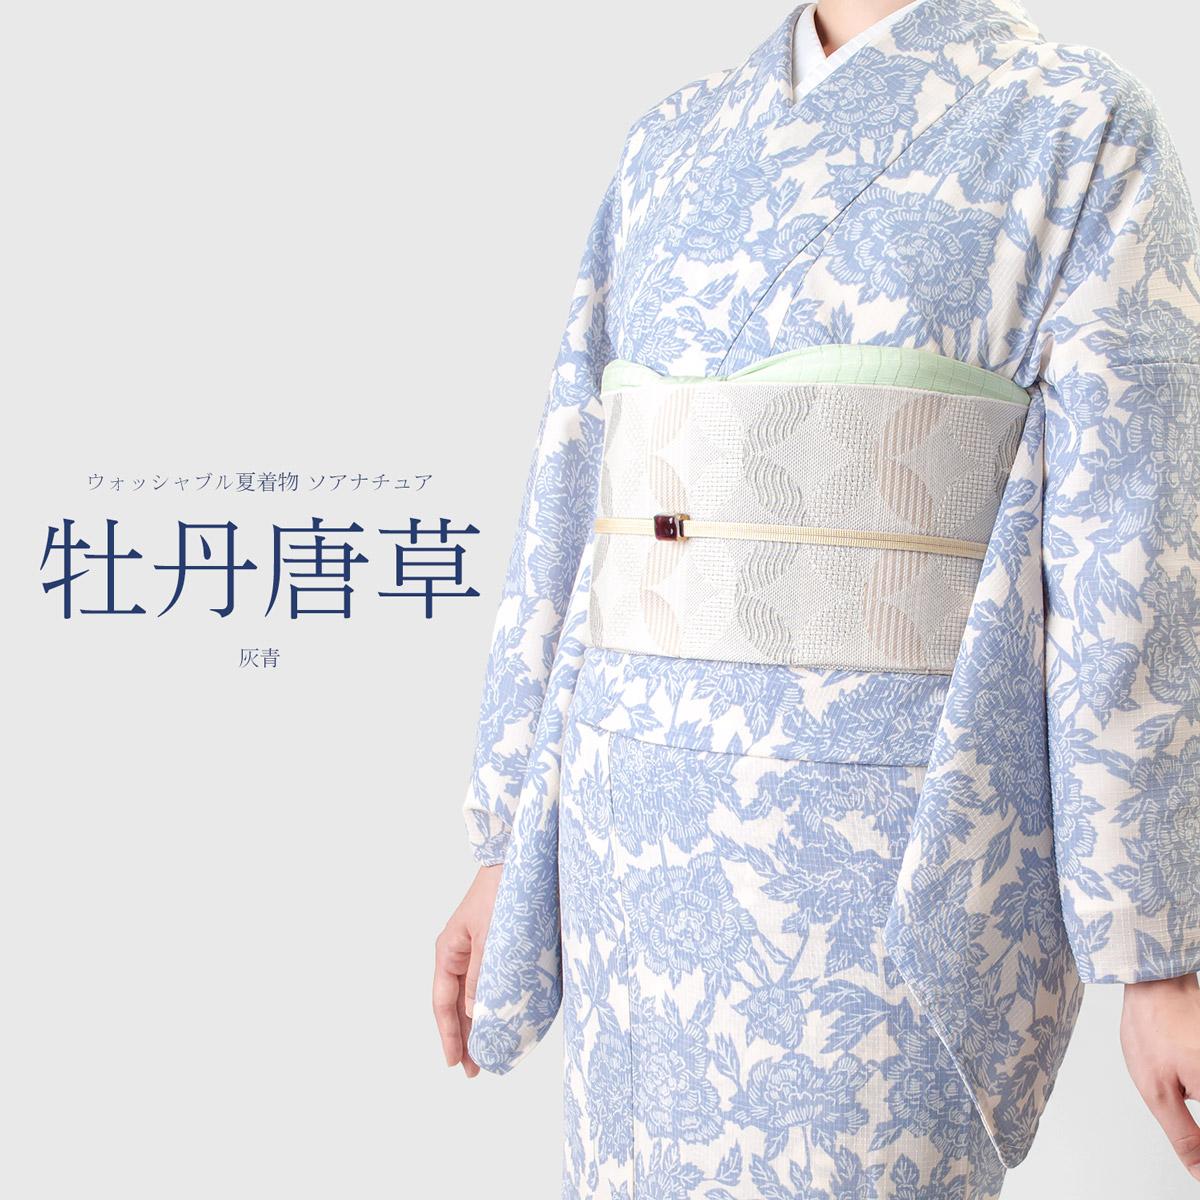 洗える着物 くるり ウォッシャブル夏着物 ソアナチュア【牡丹唐草】灰青